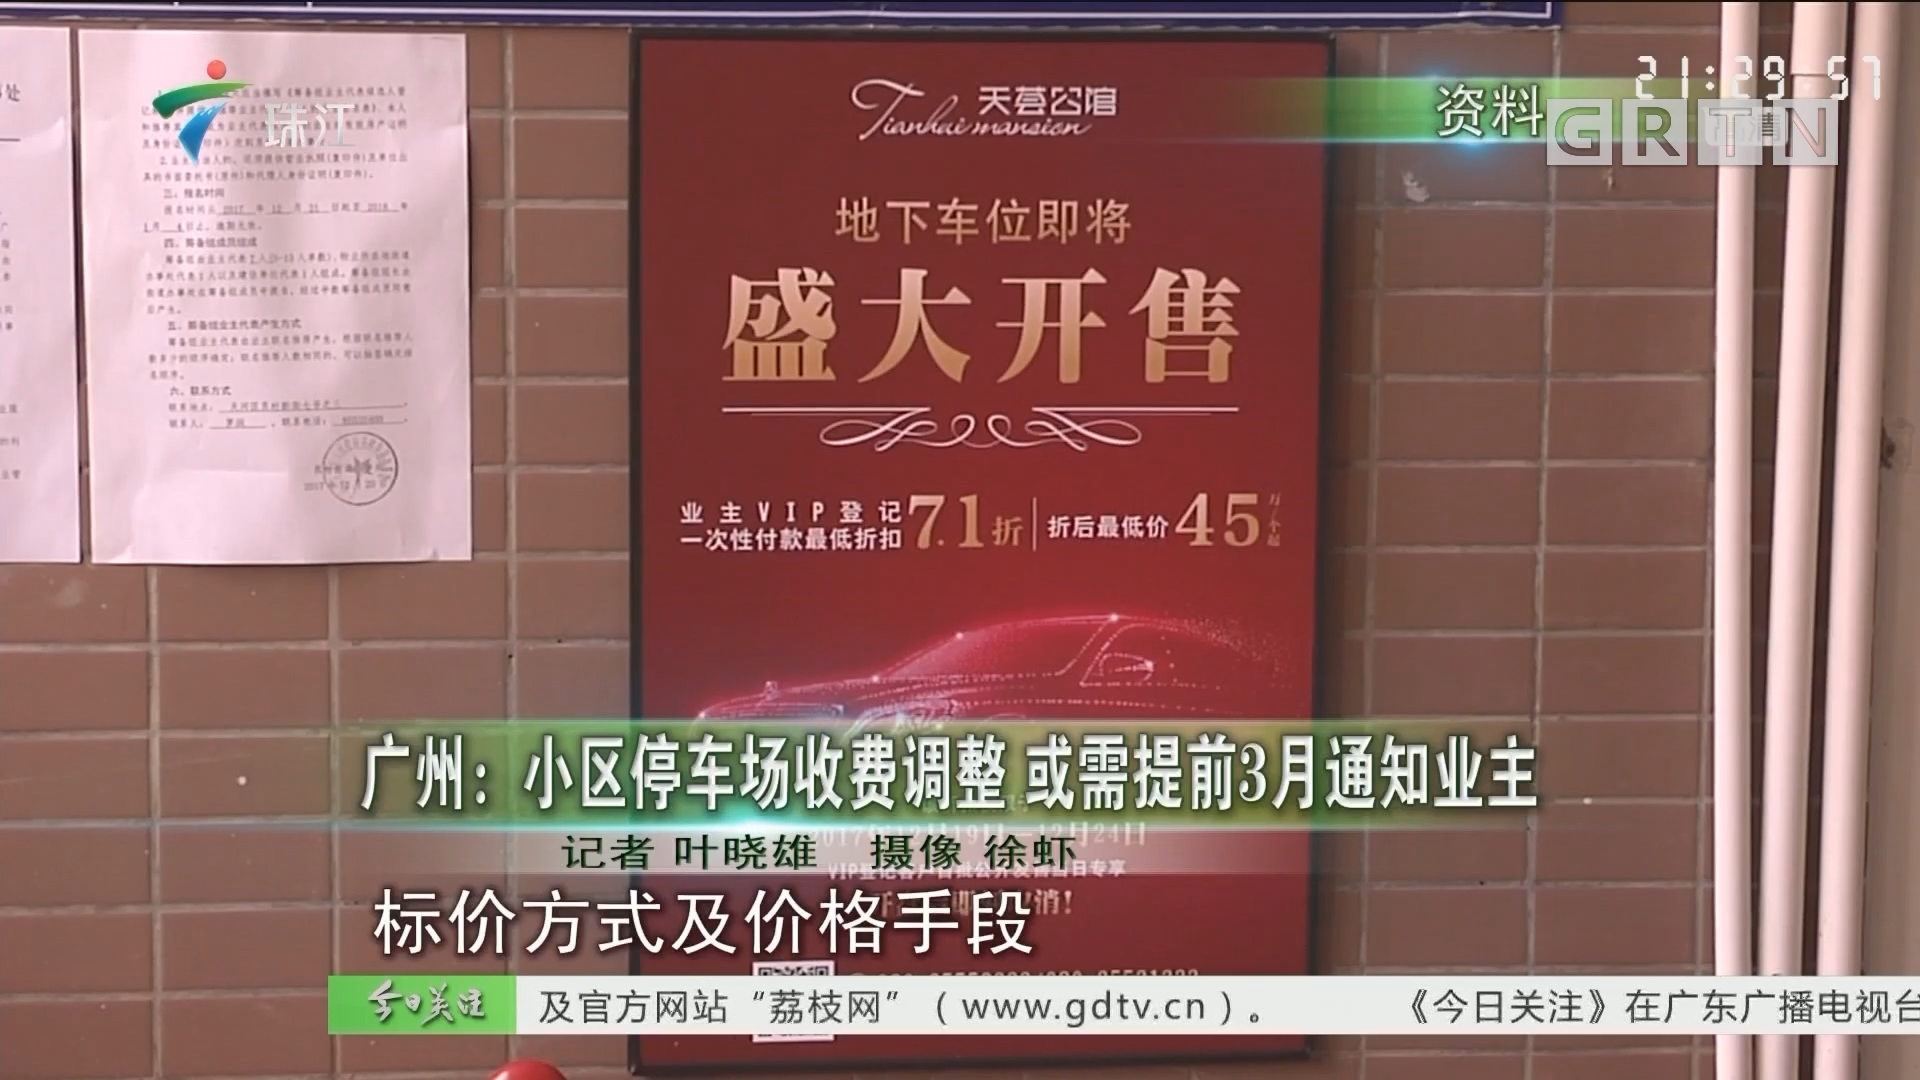 广州:小区停车场收费调整 或需提前3月通知业主